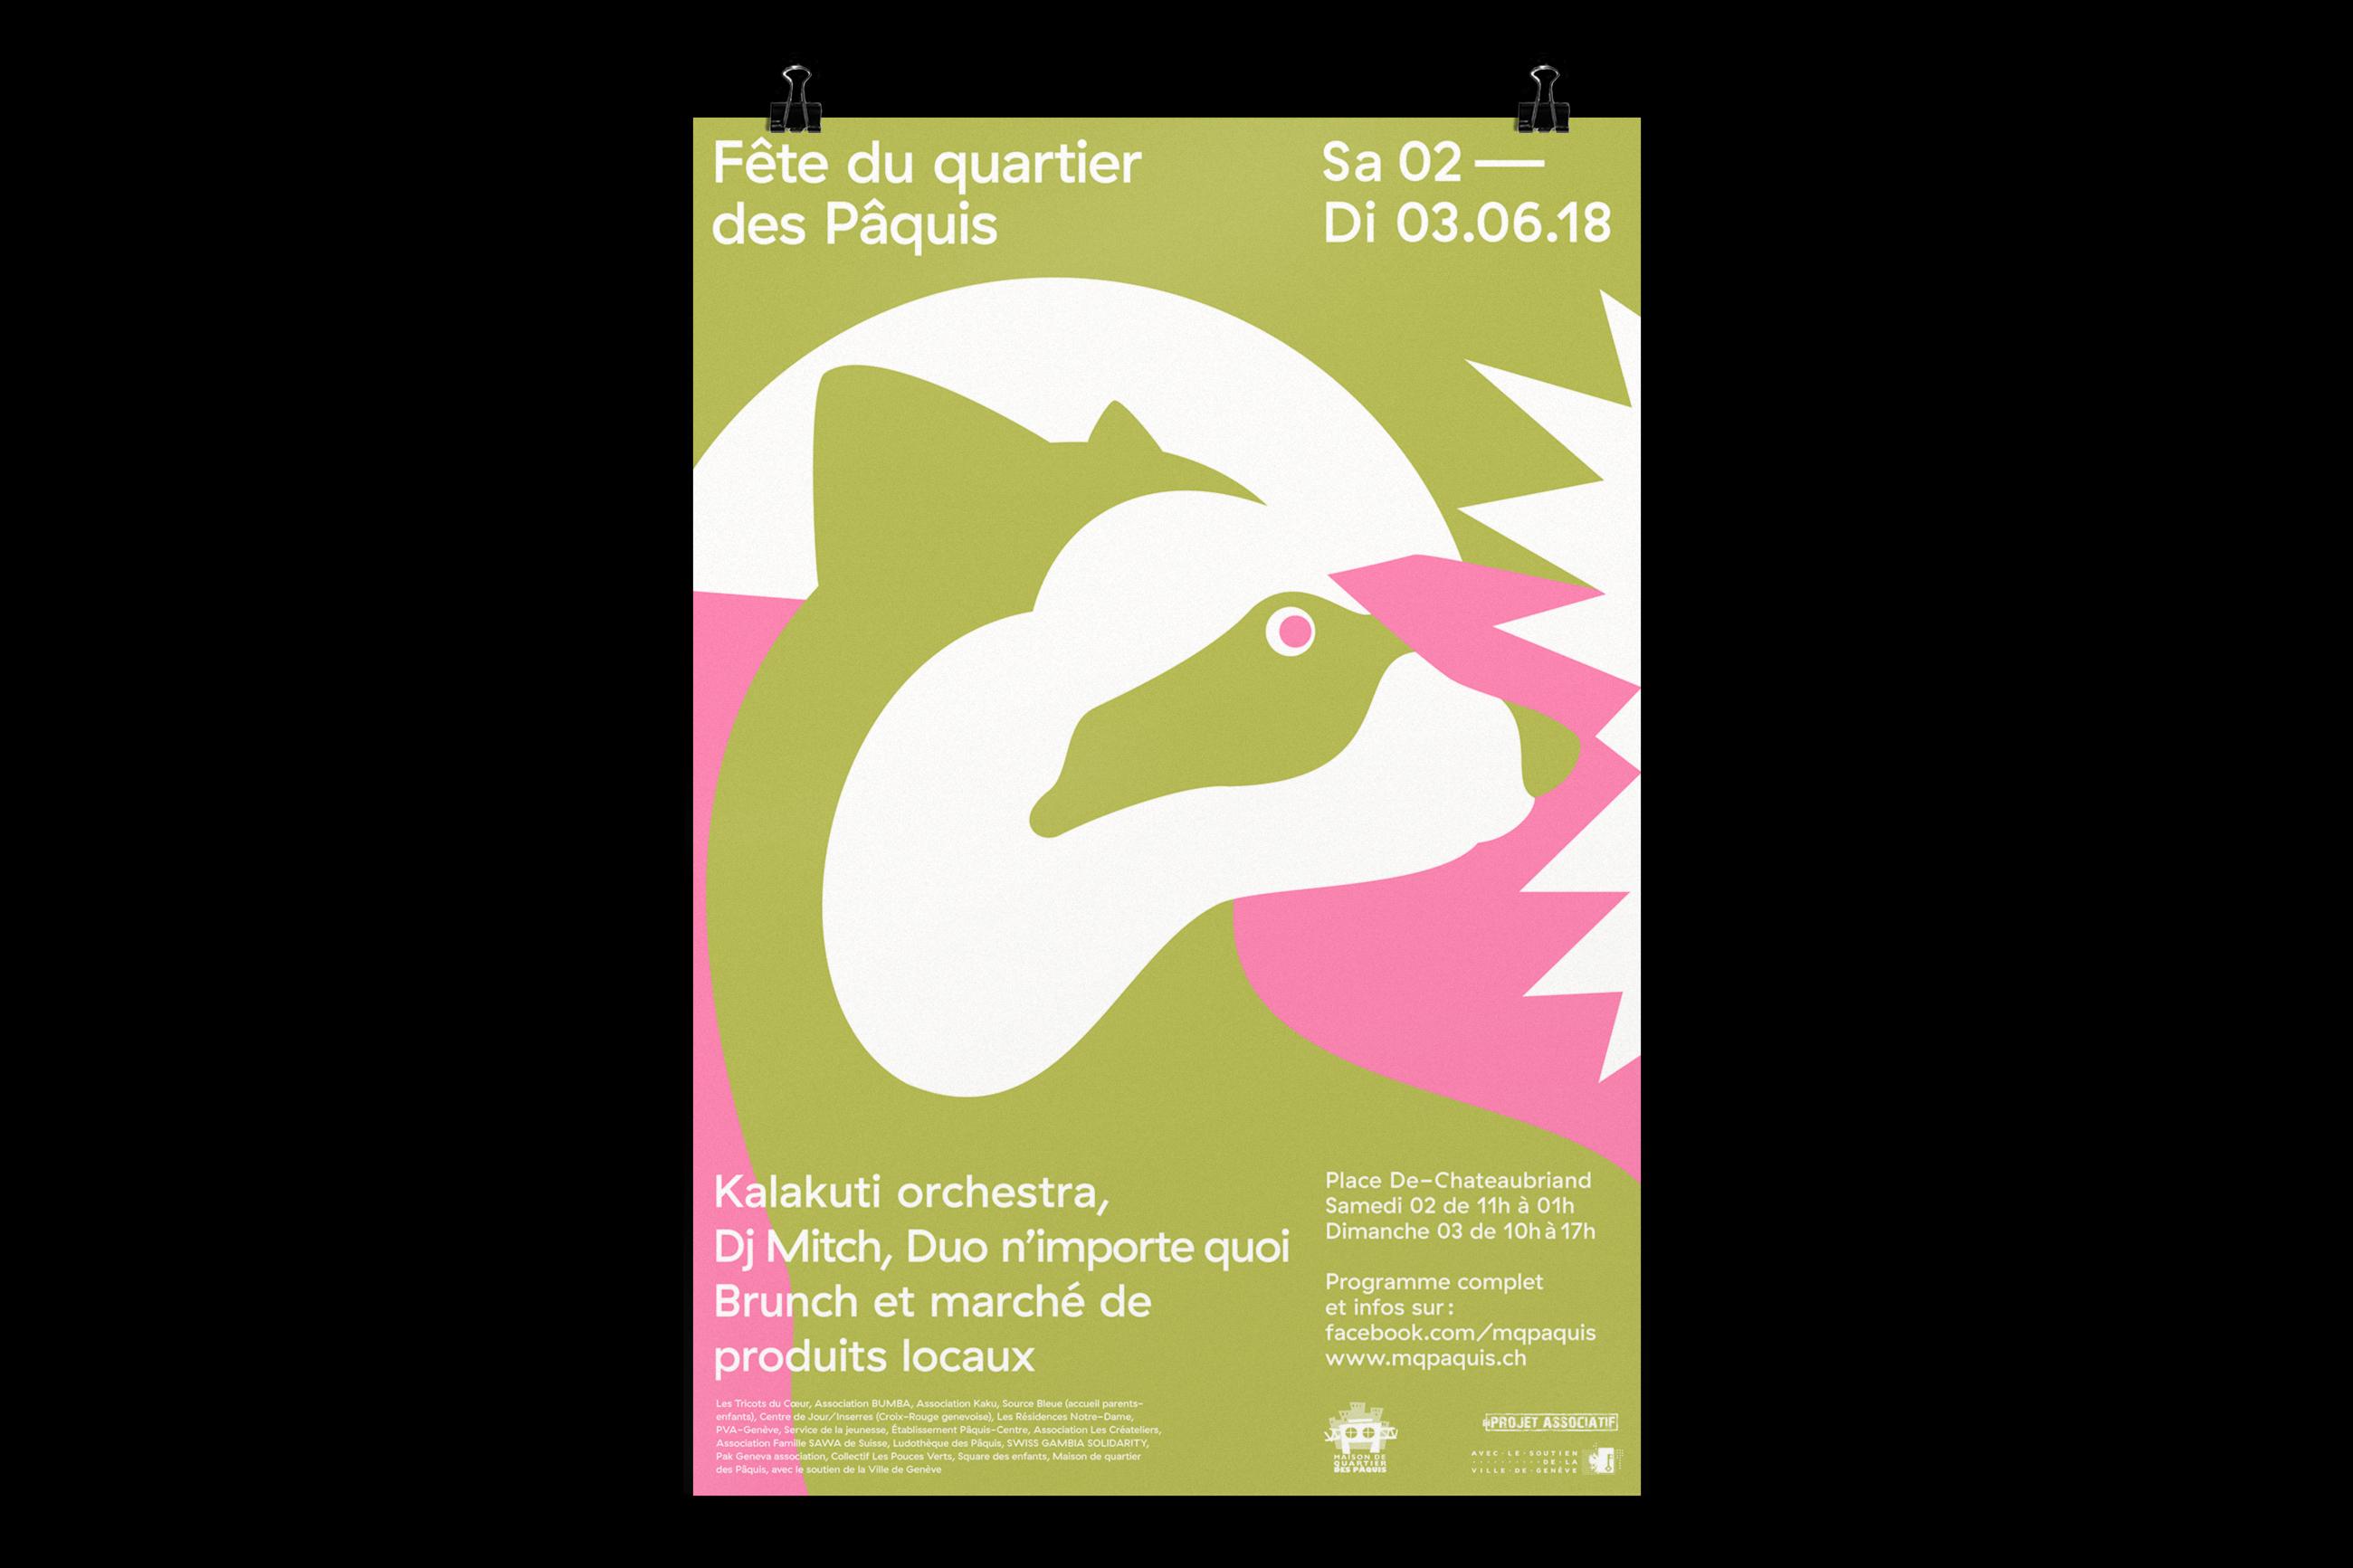 Graphisme graphic design graphique affiche poster swissposter culture culturel promotion fête du quartier des paquis